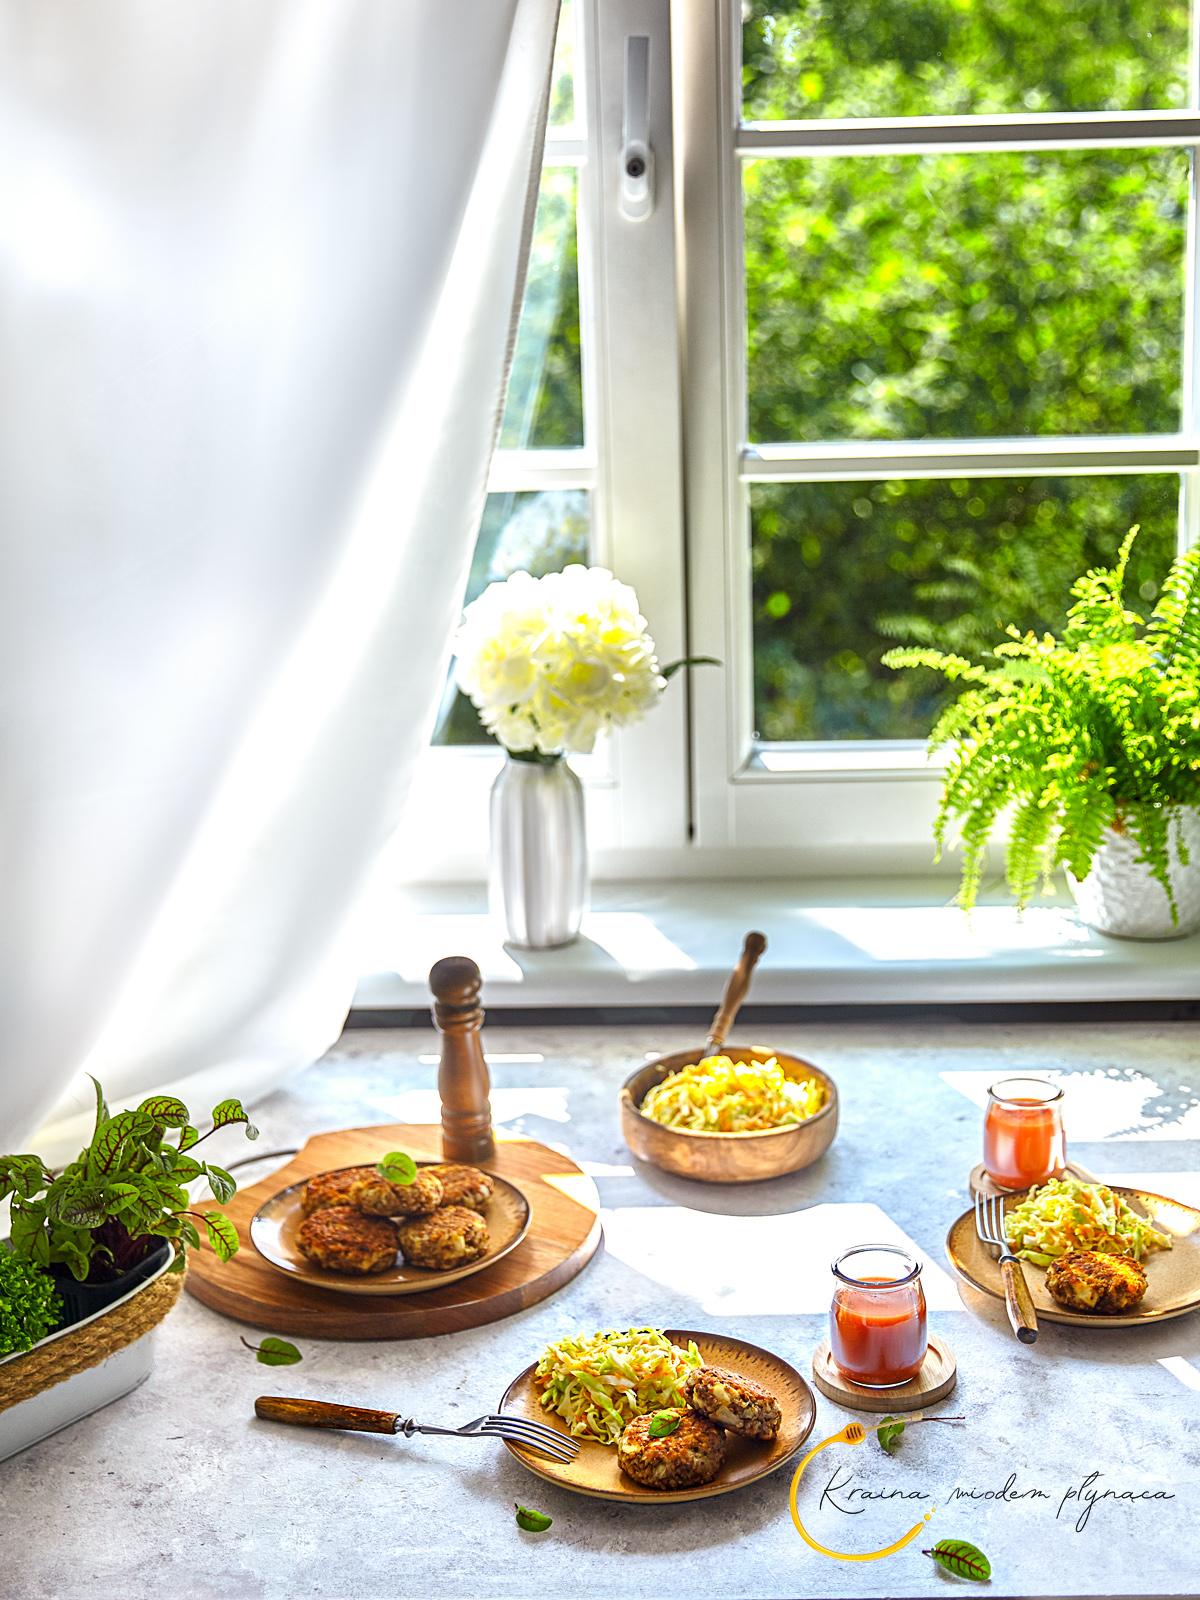 hreczniaczki, hreczniaki, hereczniaki, wegetariańskie danie, wegetariańskie kotlety, kotlety bez mięsa, kotlety z kaszy gryczanej i twarogu, kotlety z kaszą gryczaną, kotlety z twarogiem, kuchnia polska, kraina miodem płynąca